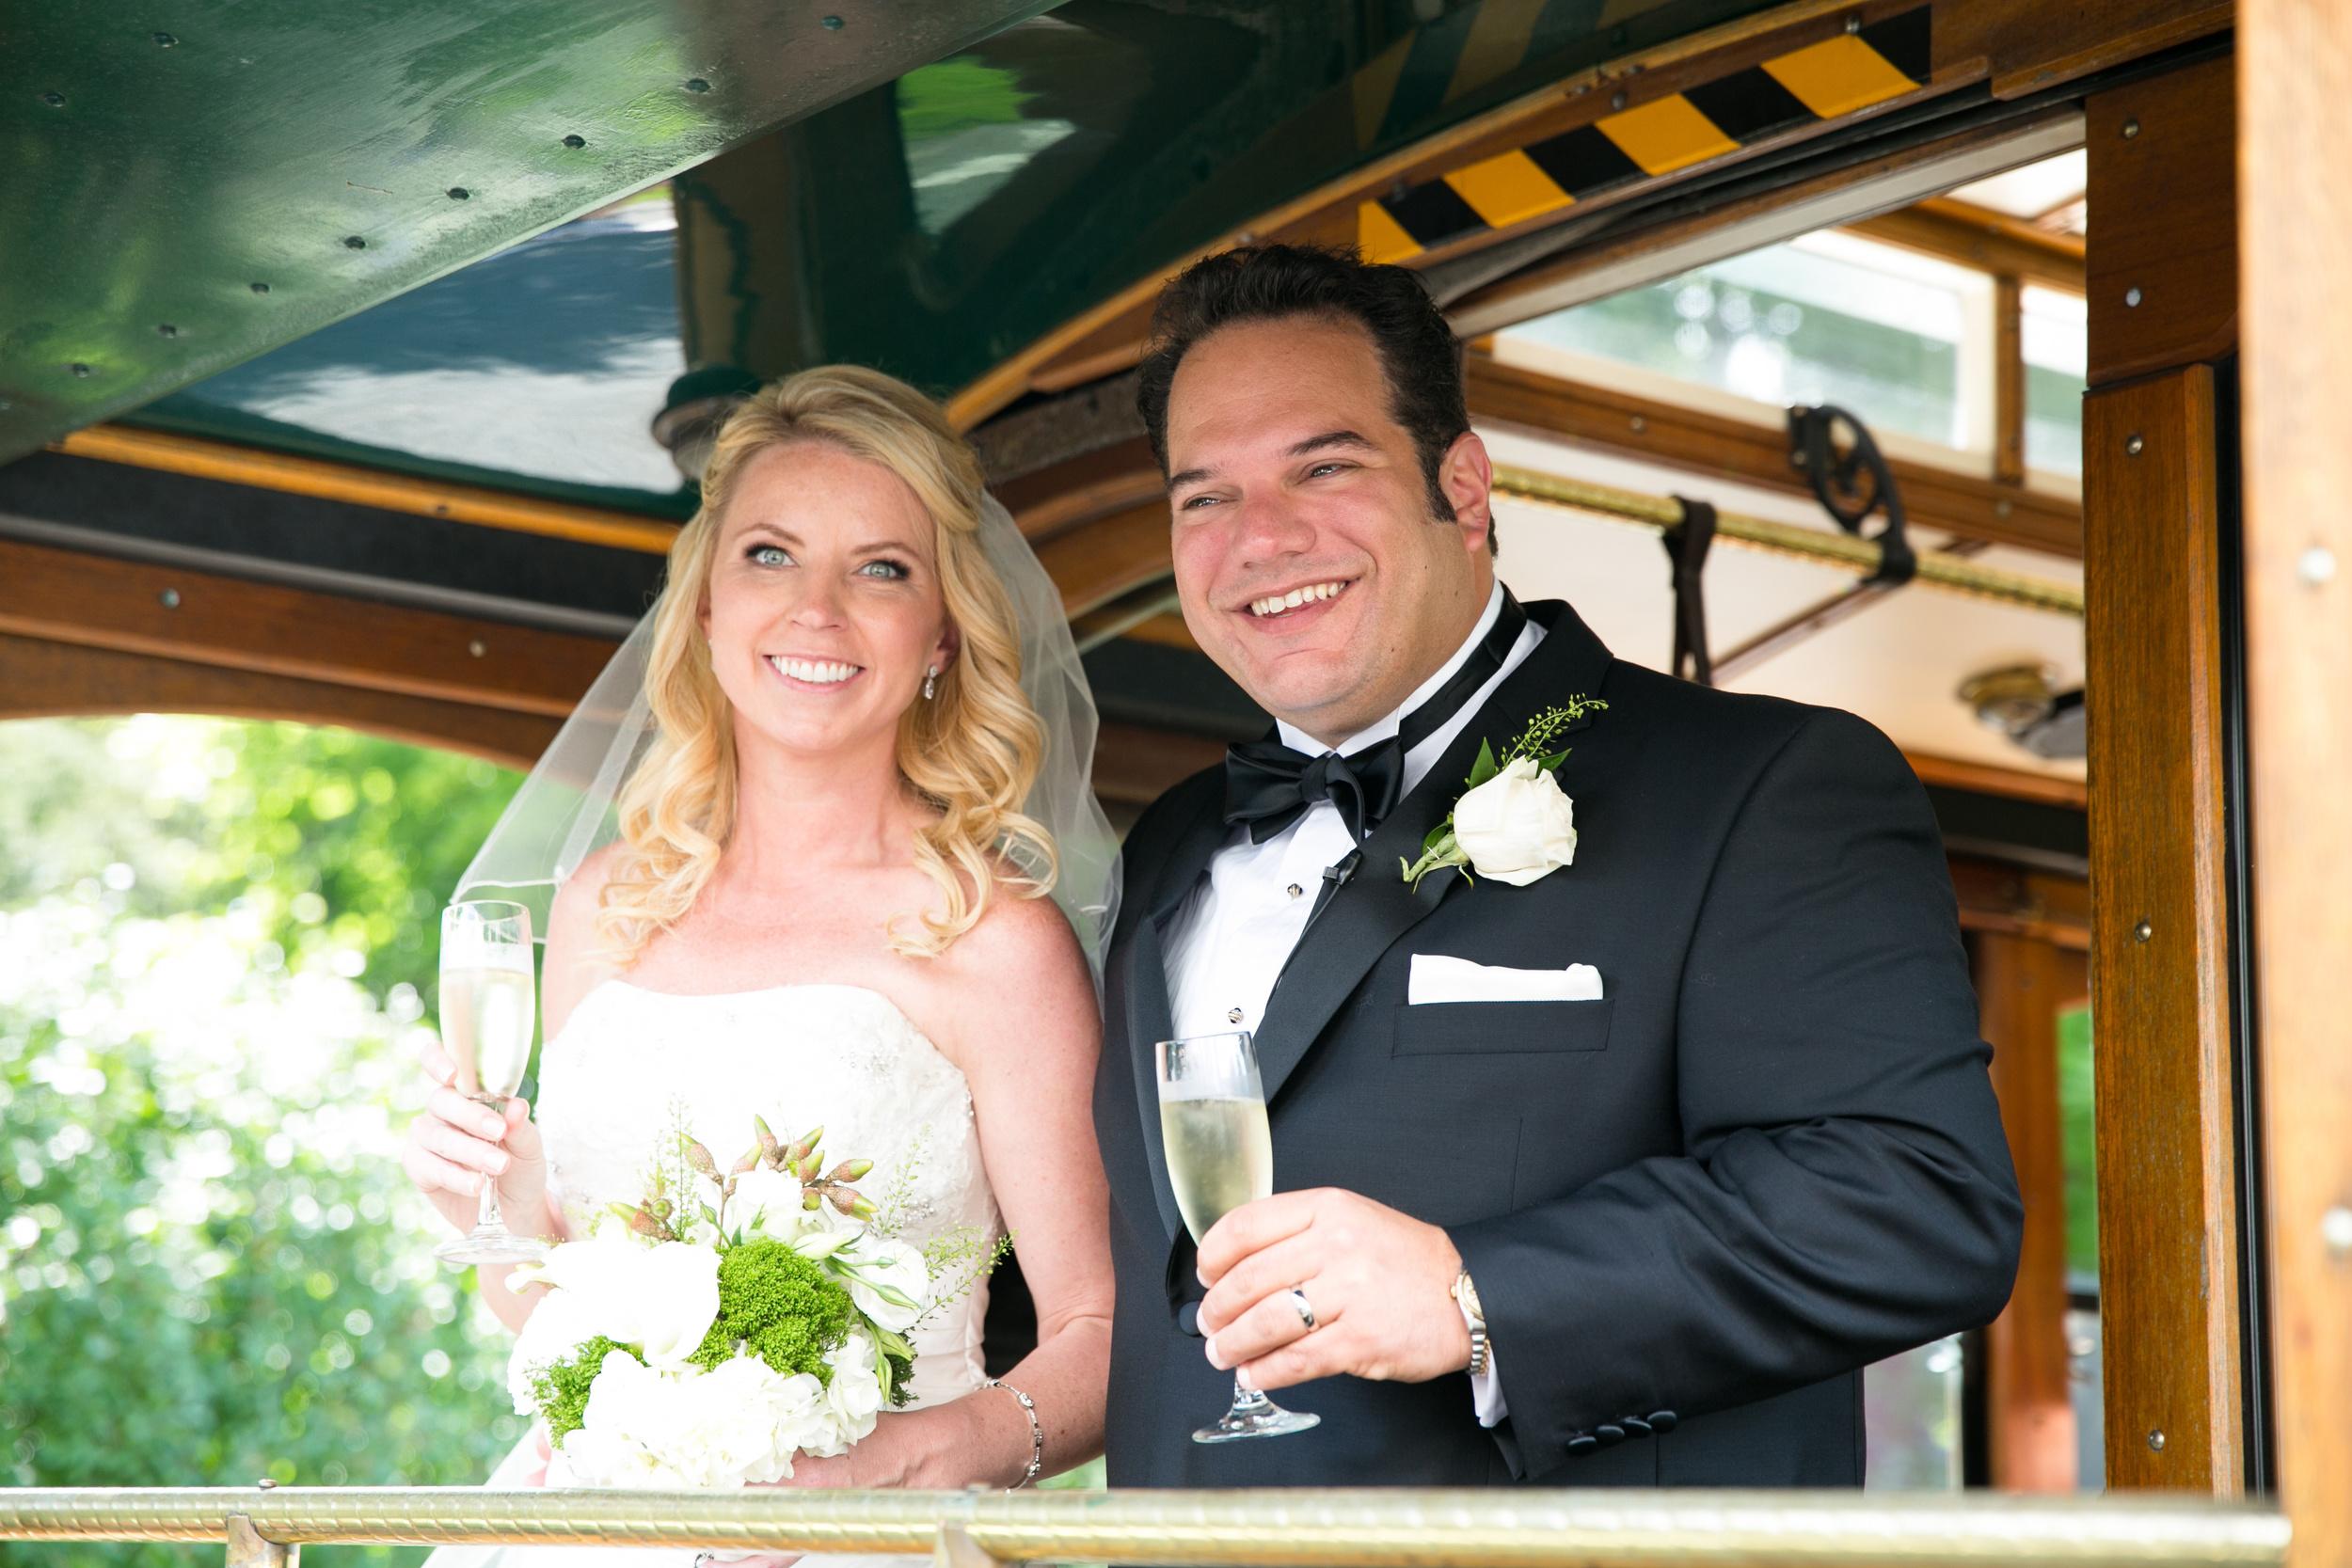 Michelle Barnett and Peter DiBona wedding on September 13, 2014. Photo by Paul Morse